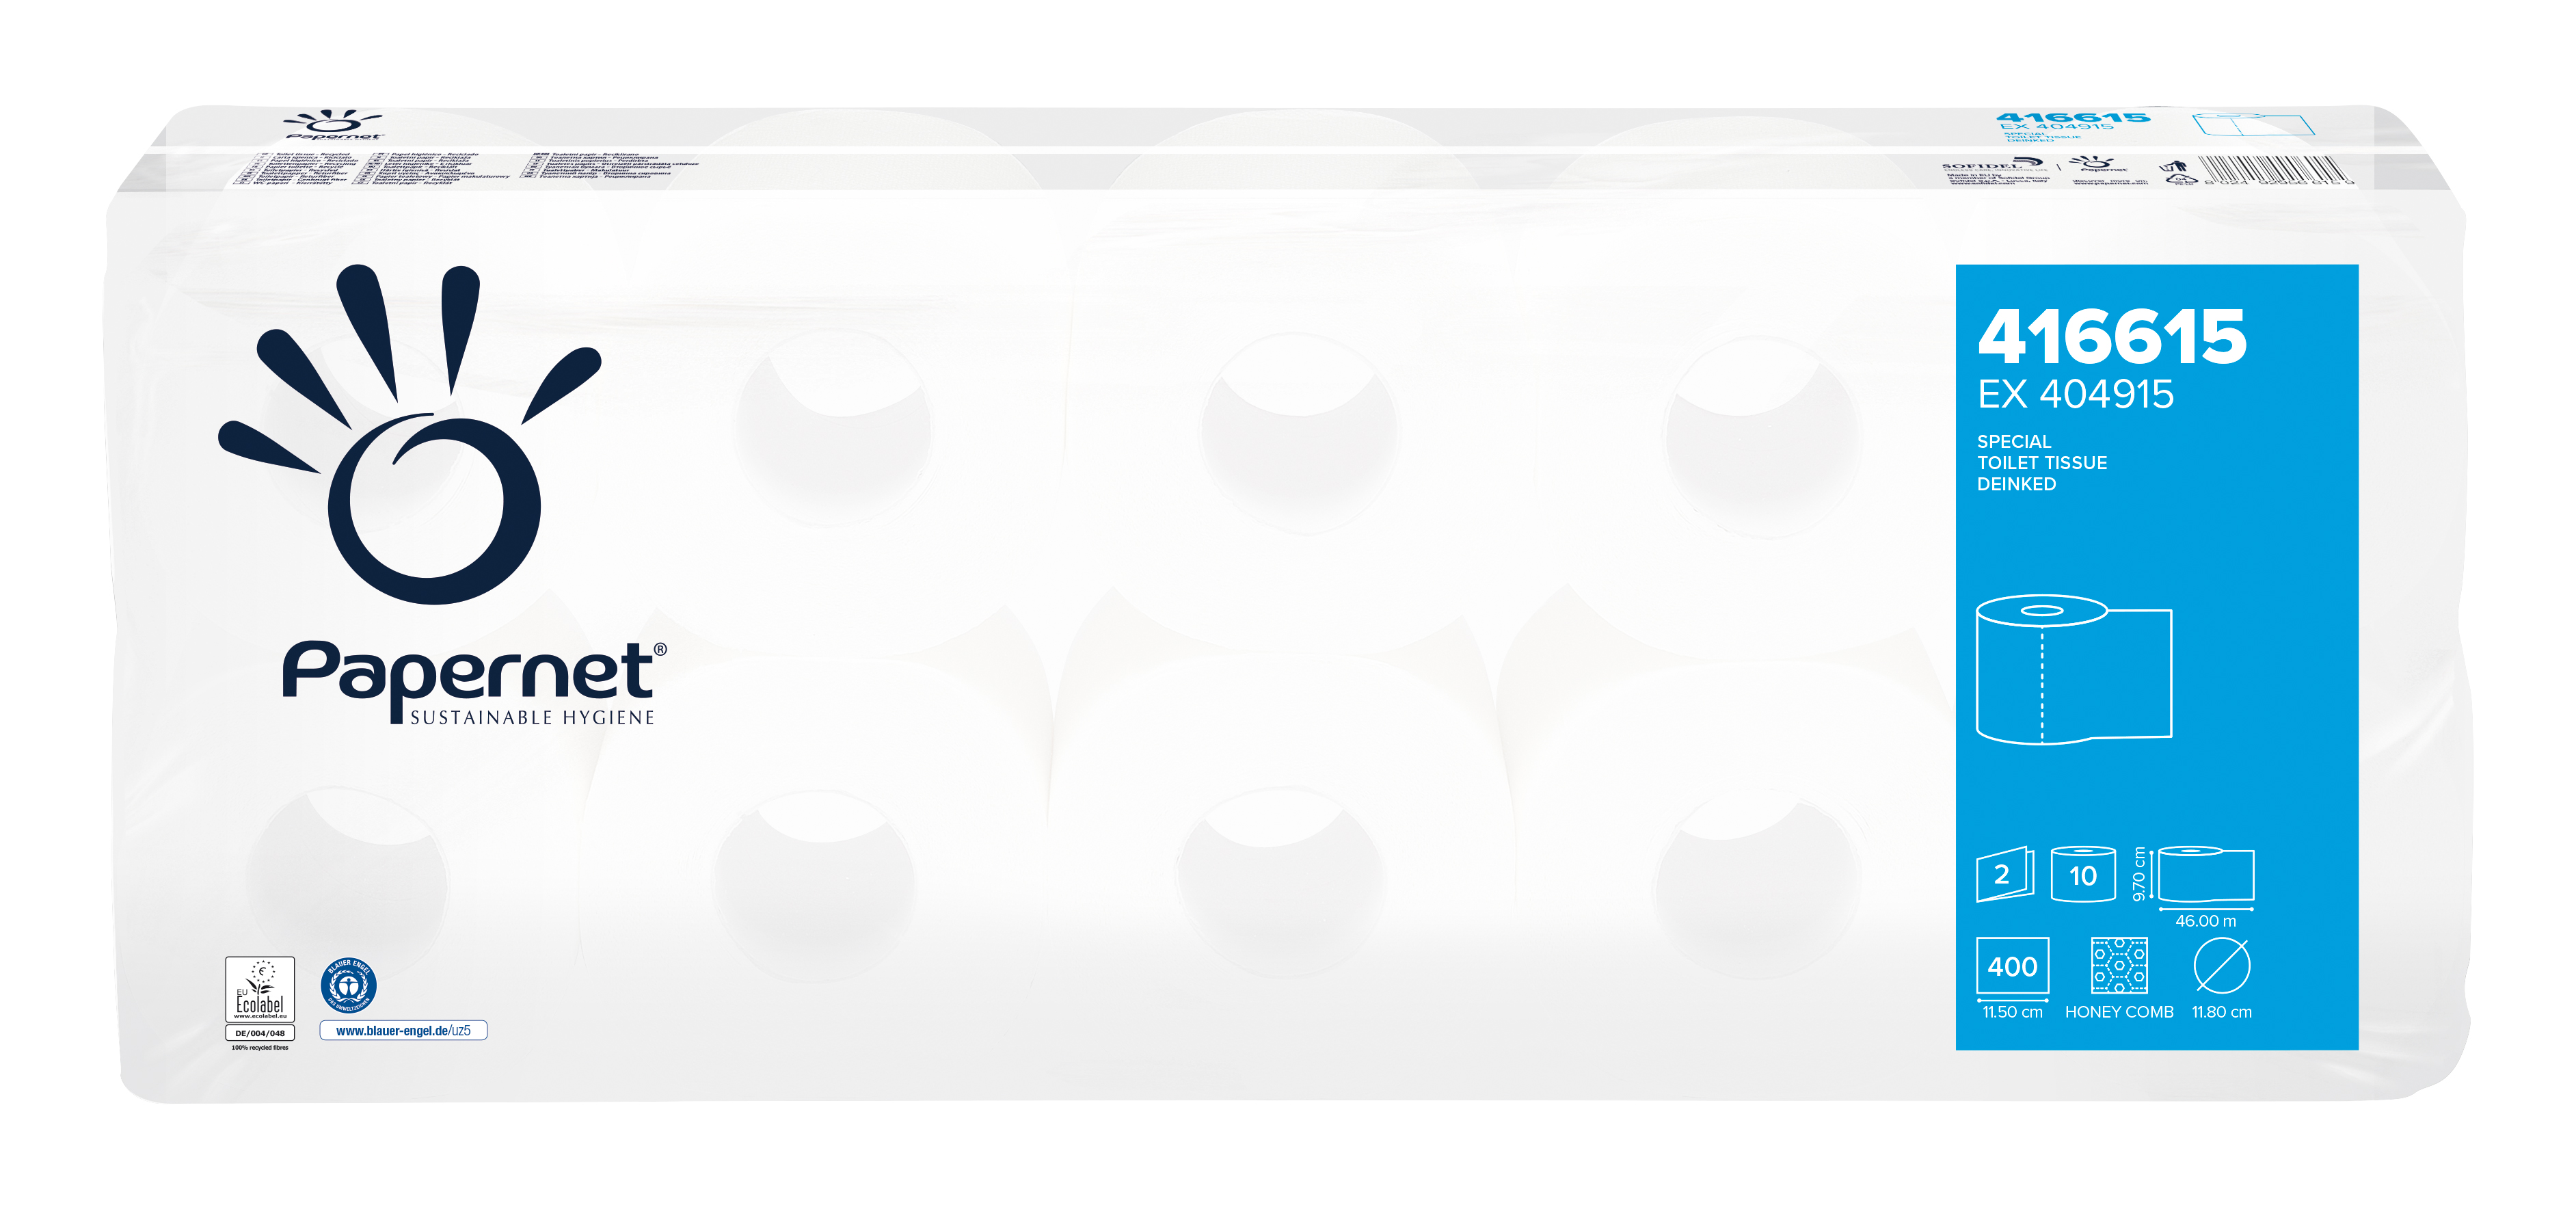 Papernet® WC paber väike rull, pakis 4 x 10 rulli, 46m, 2-kihiline, loodusvalge